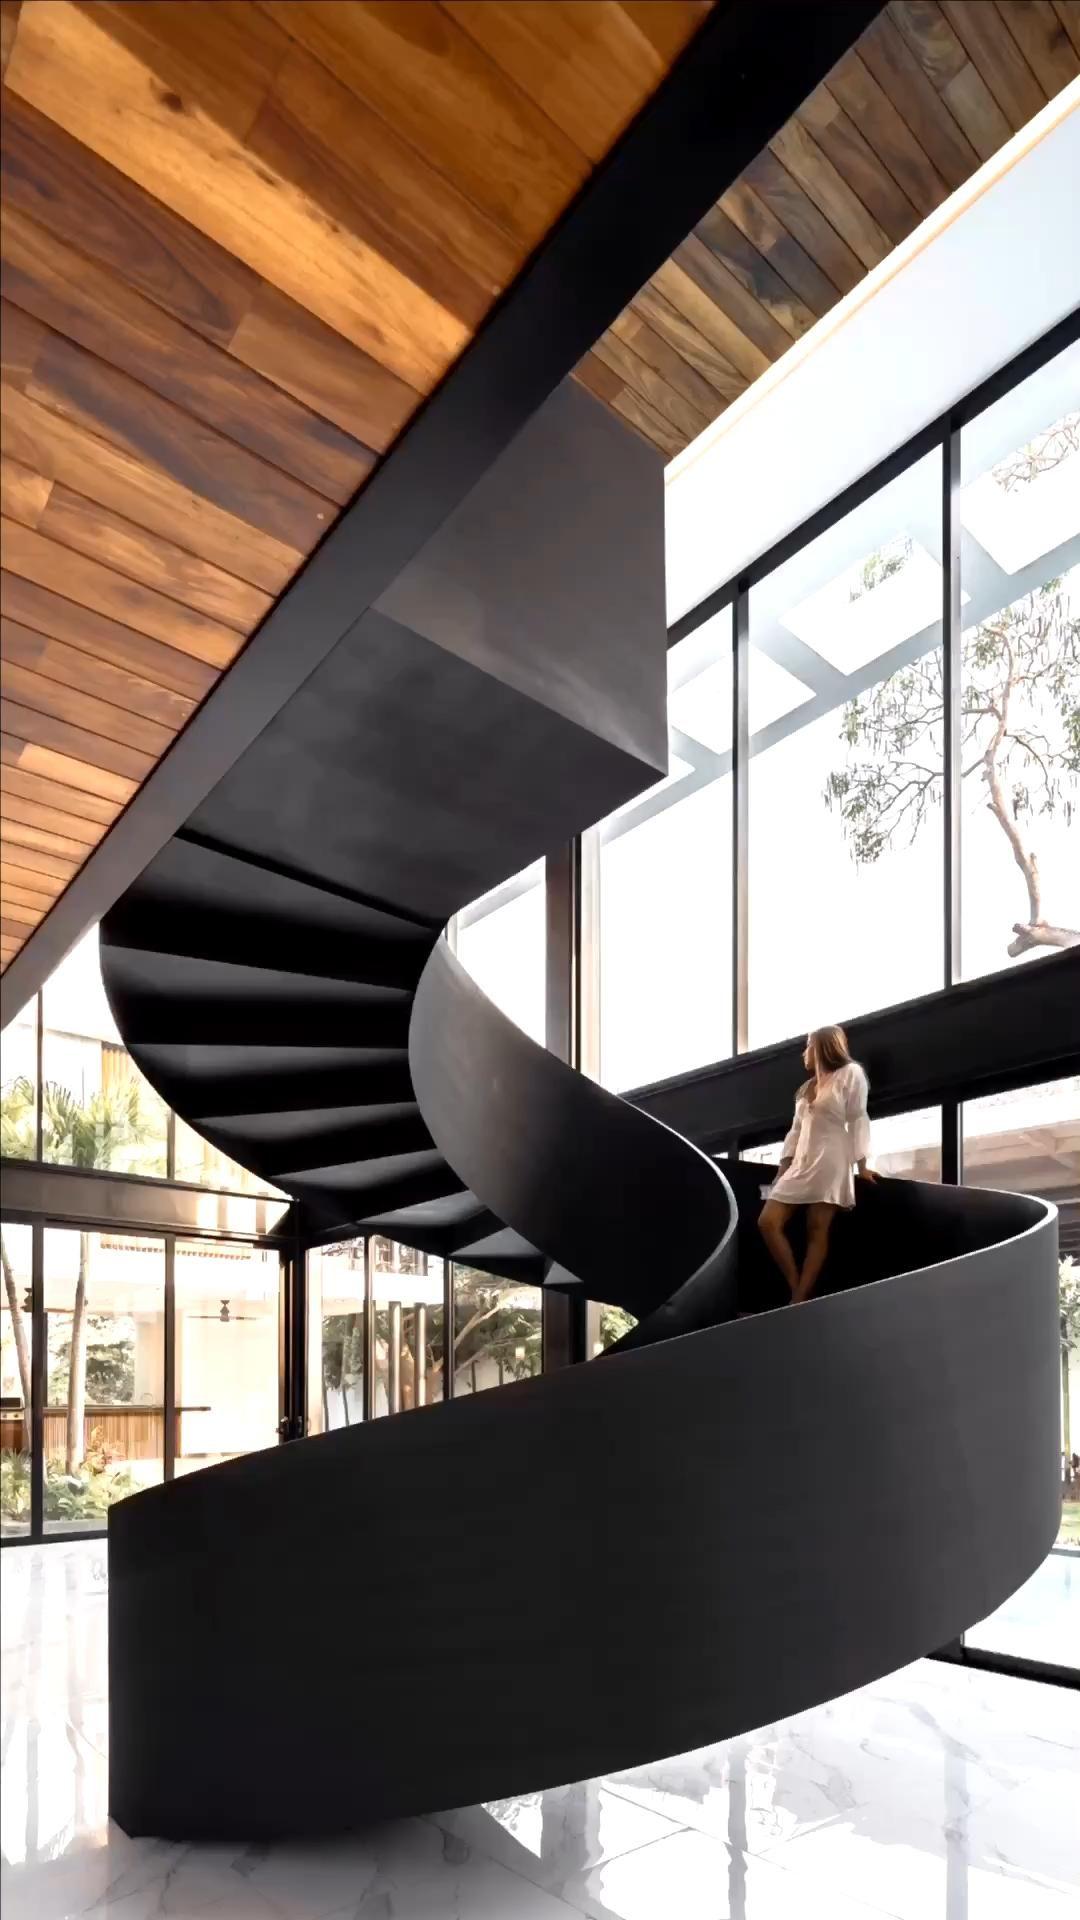 Casa del Agua in Colima, Mexico designed by Di Fre